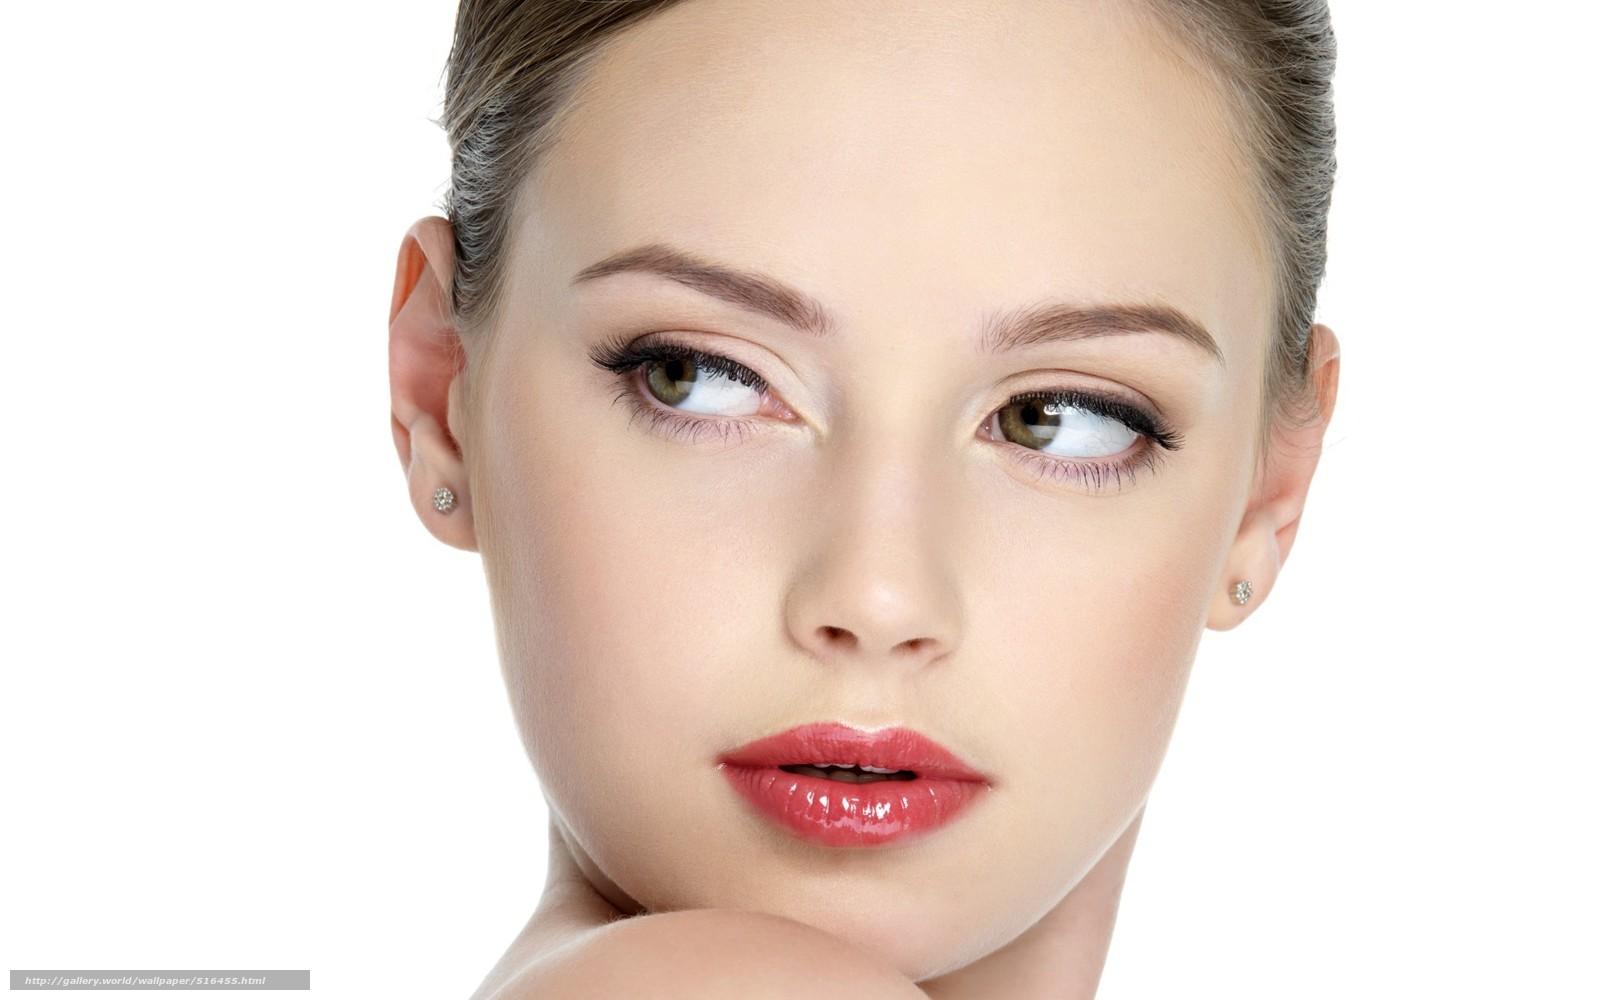 Дневной макияж девушек фото